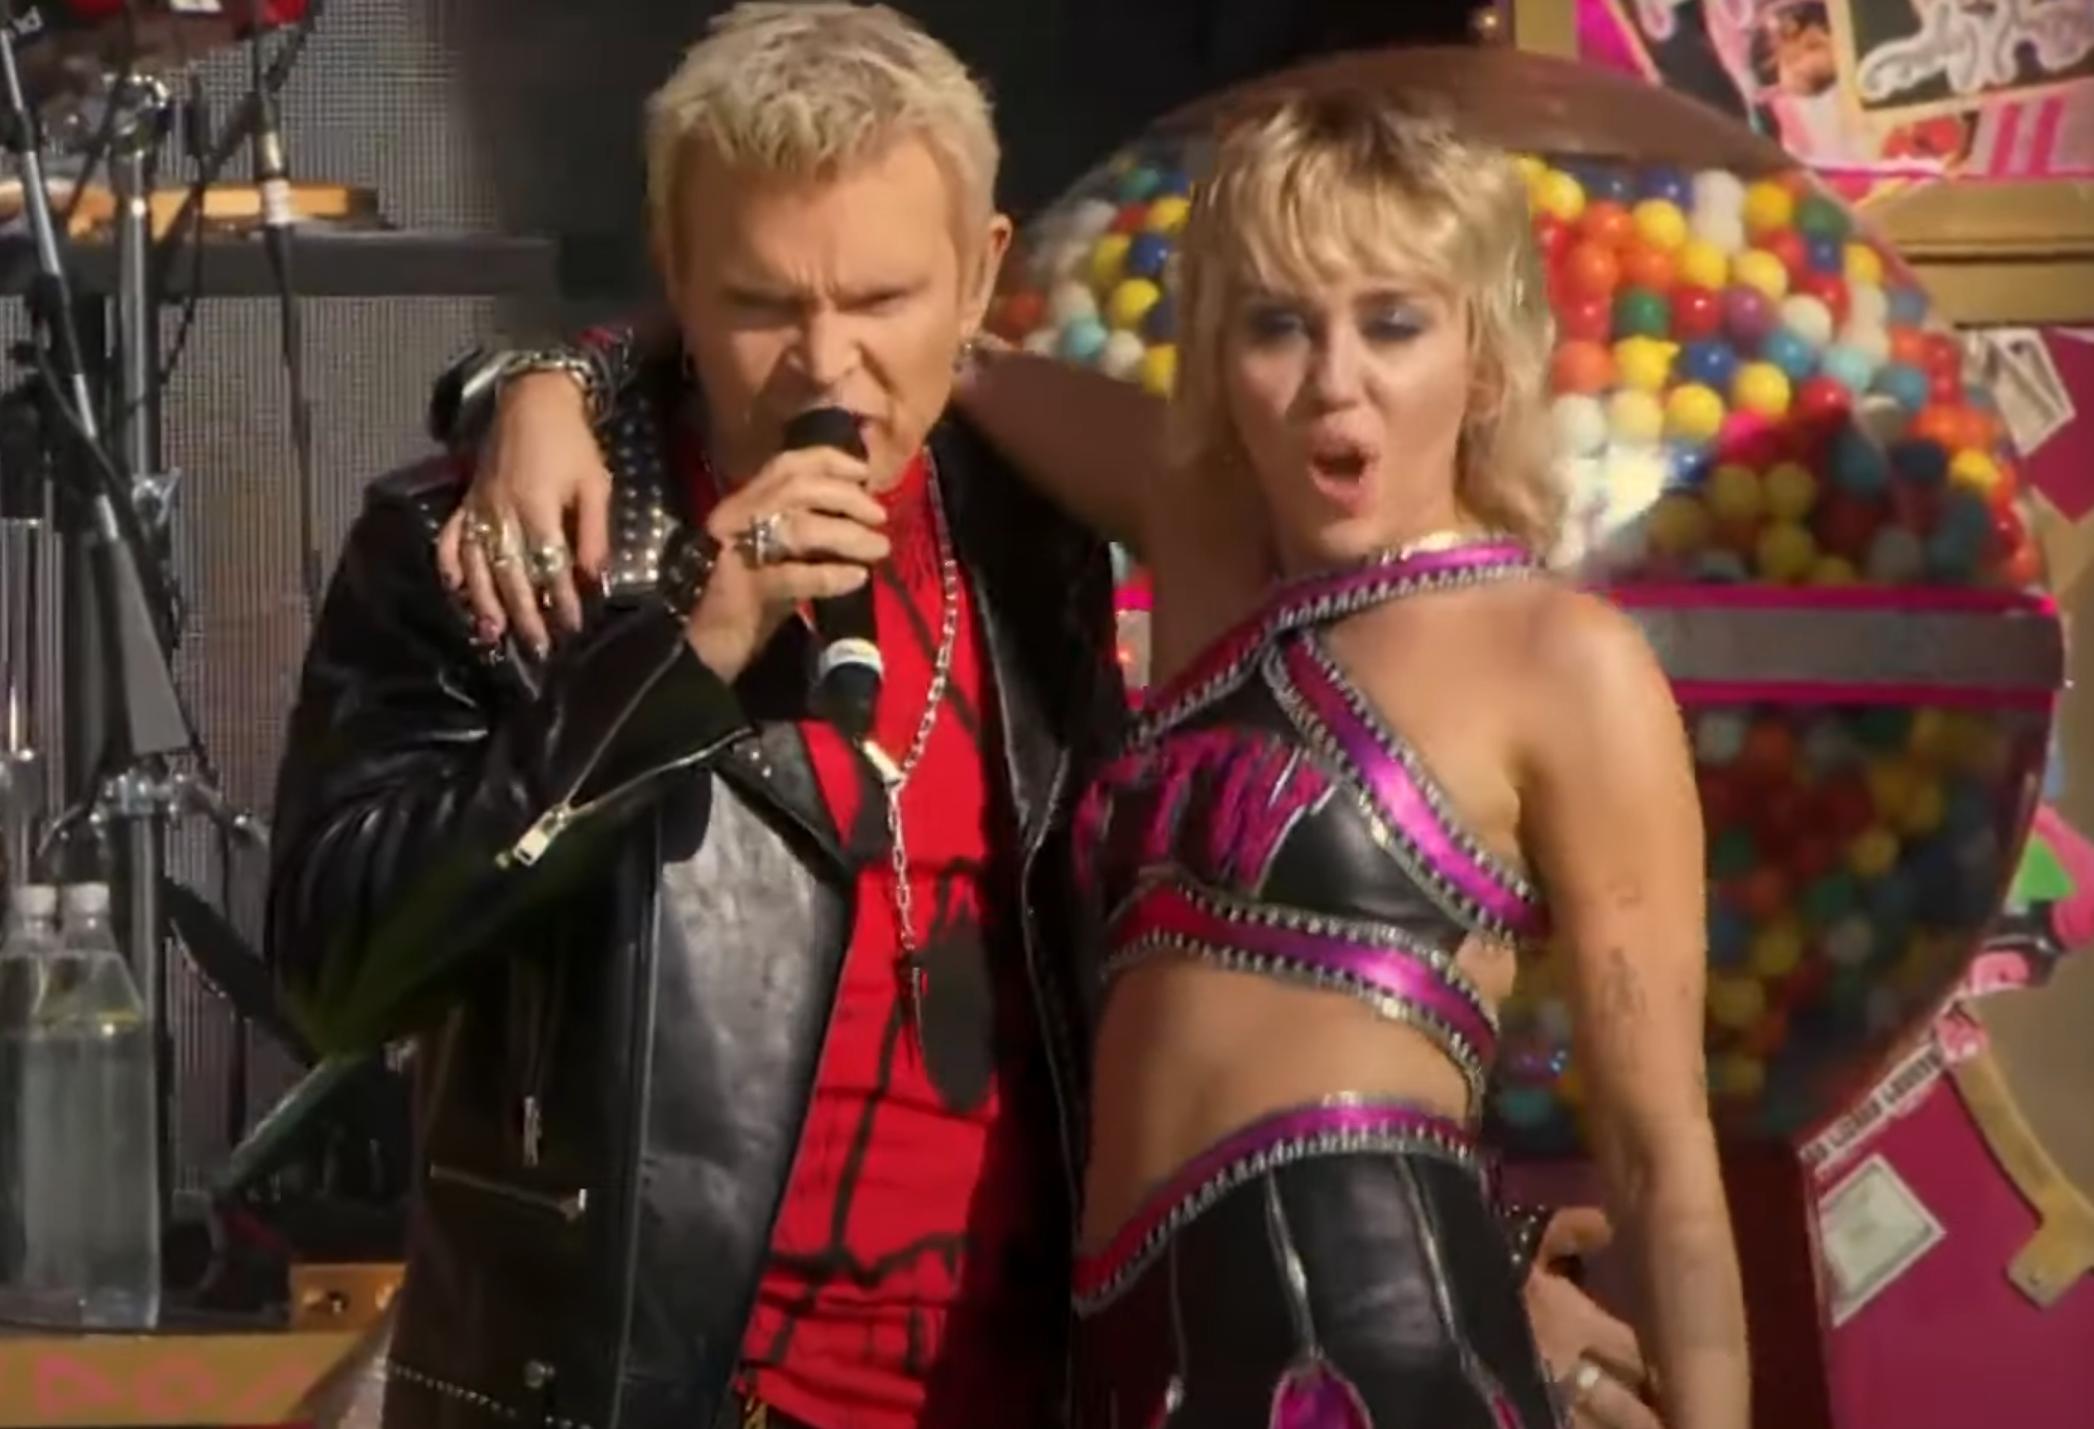 Billy Idol Miley Cyrus Super Bowl